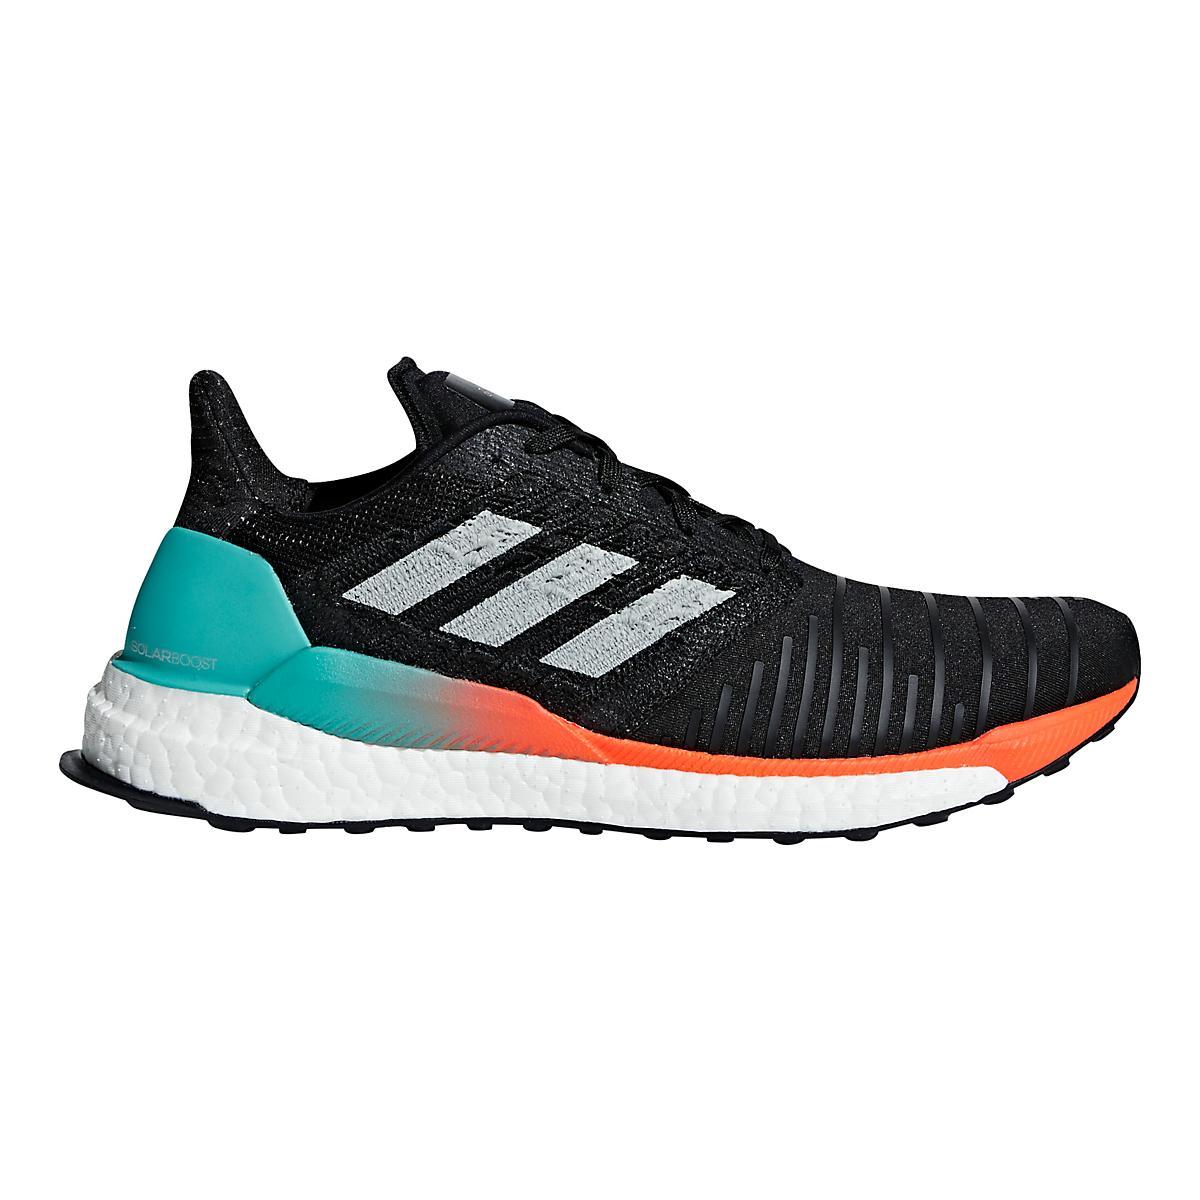 6468fccbe Mens adidas Solar Boost Running Shoe at Road Runner Sports